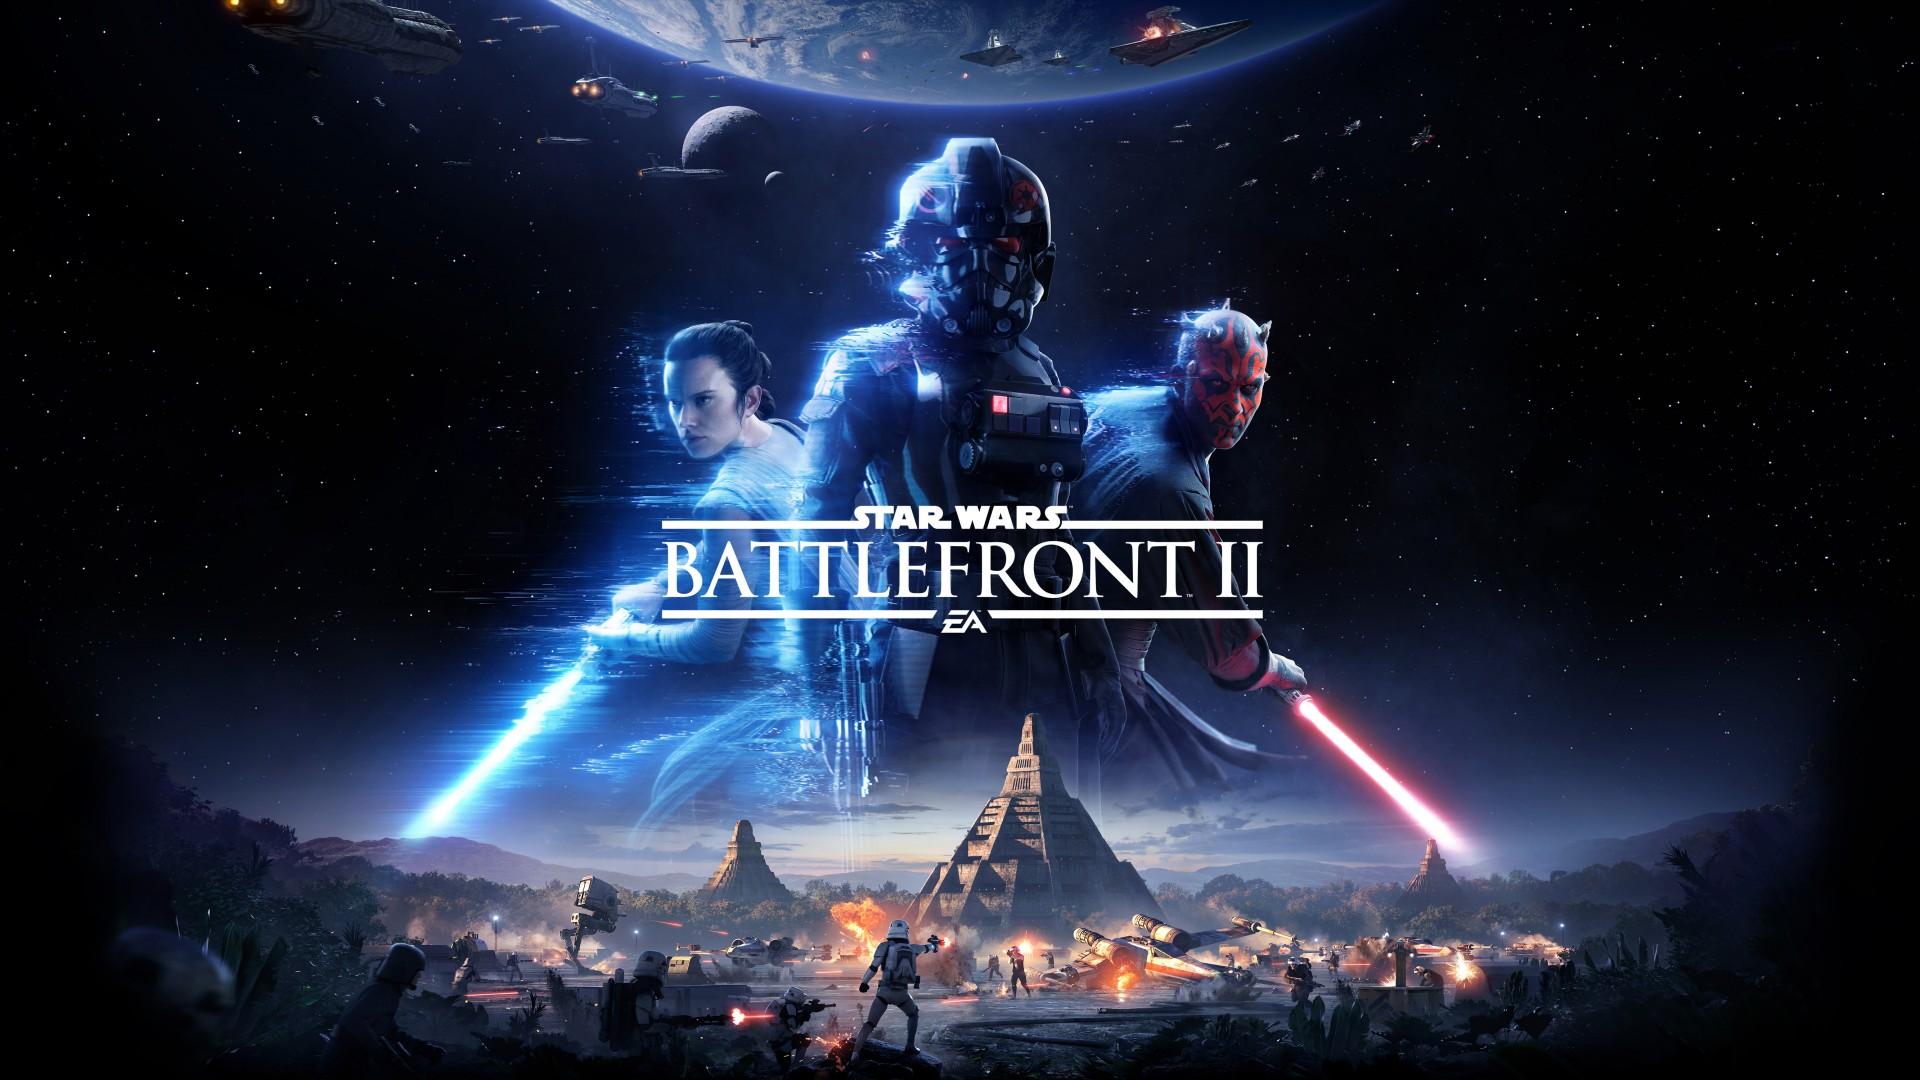 مراجعة عرب هاردوير للعبة Star Wars Battlefront Ii عرب هاردوير